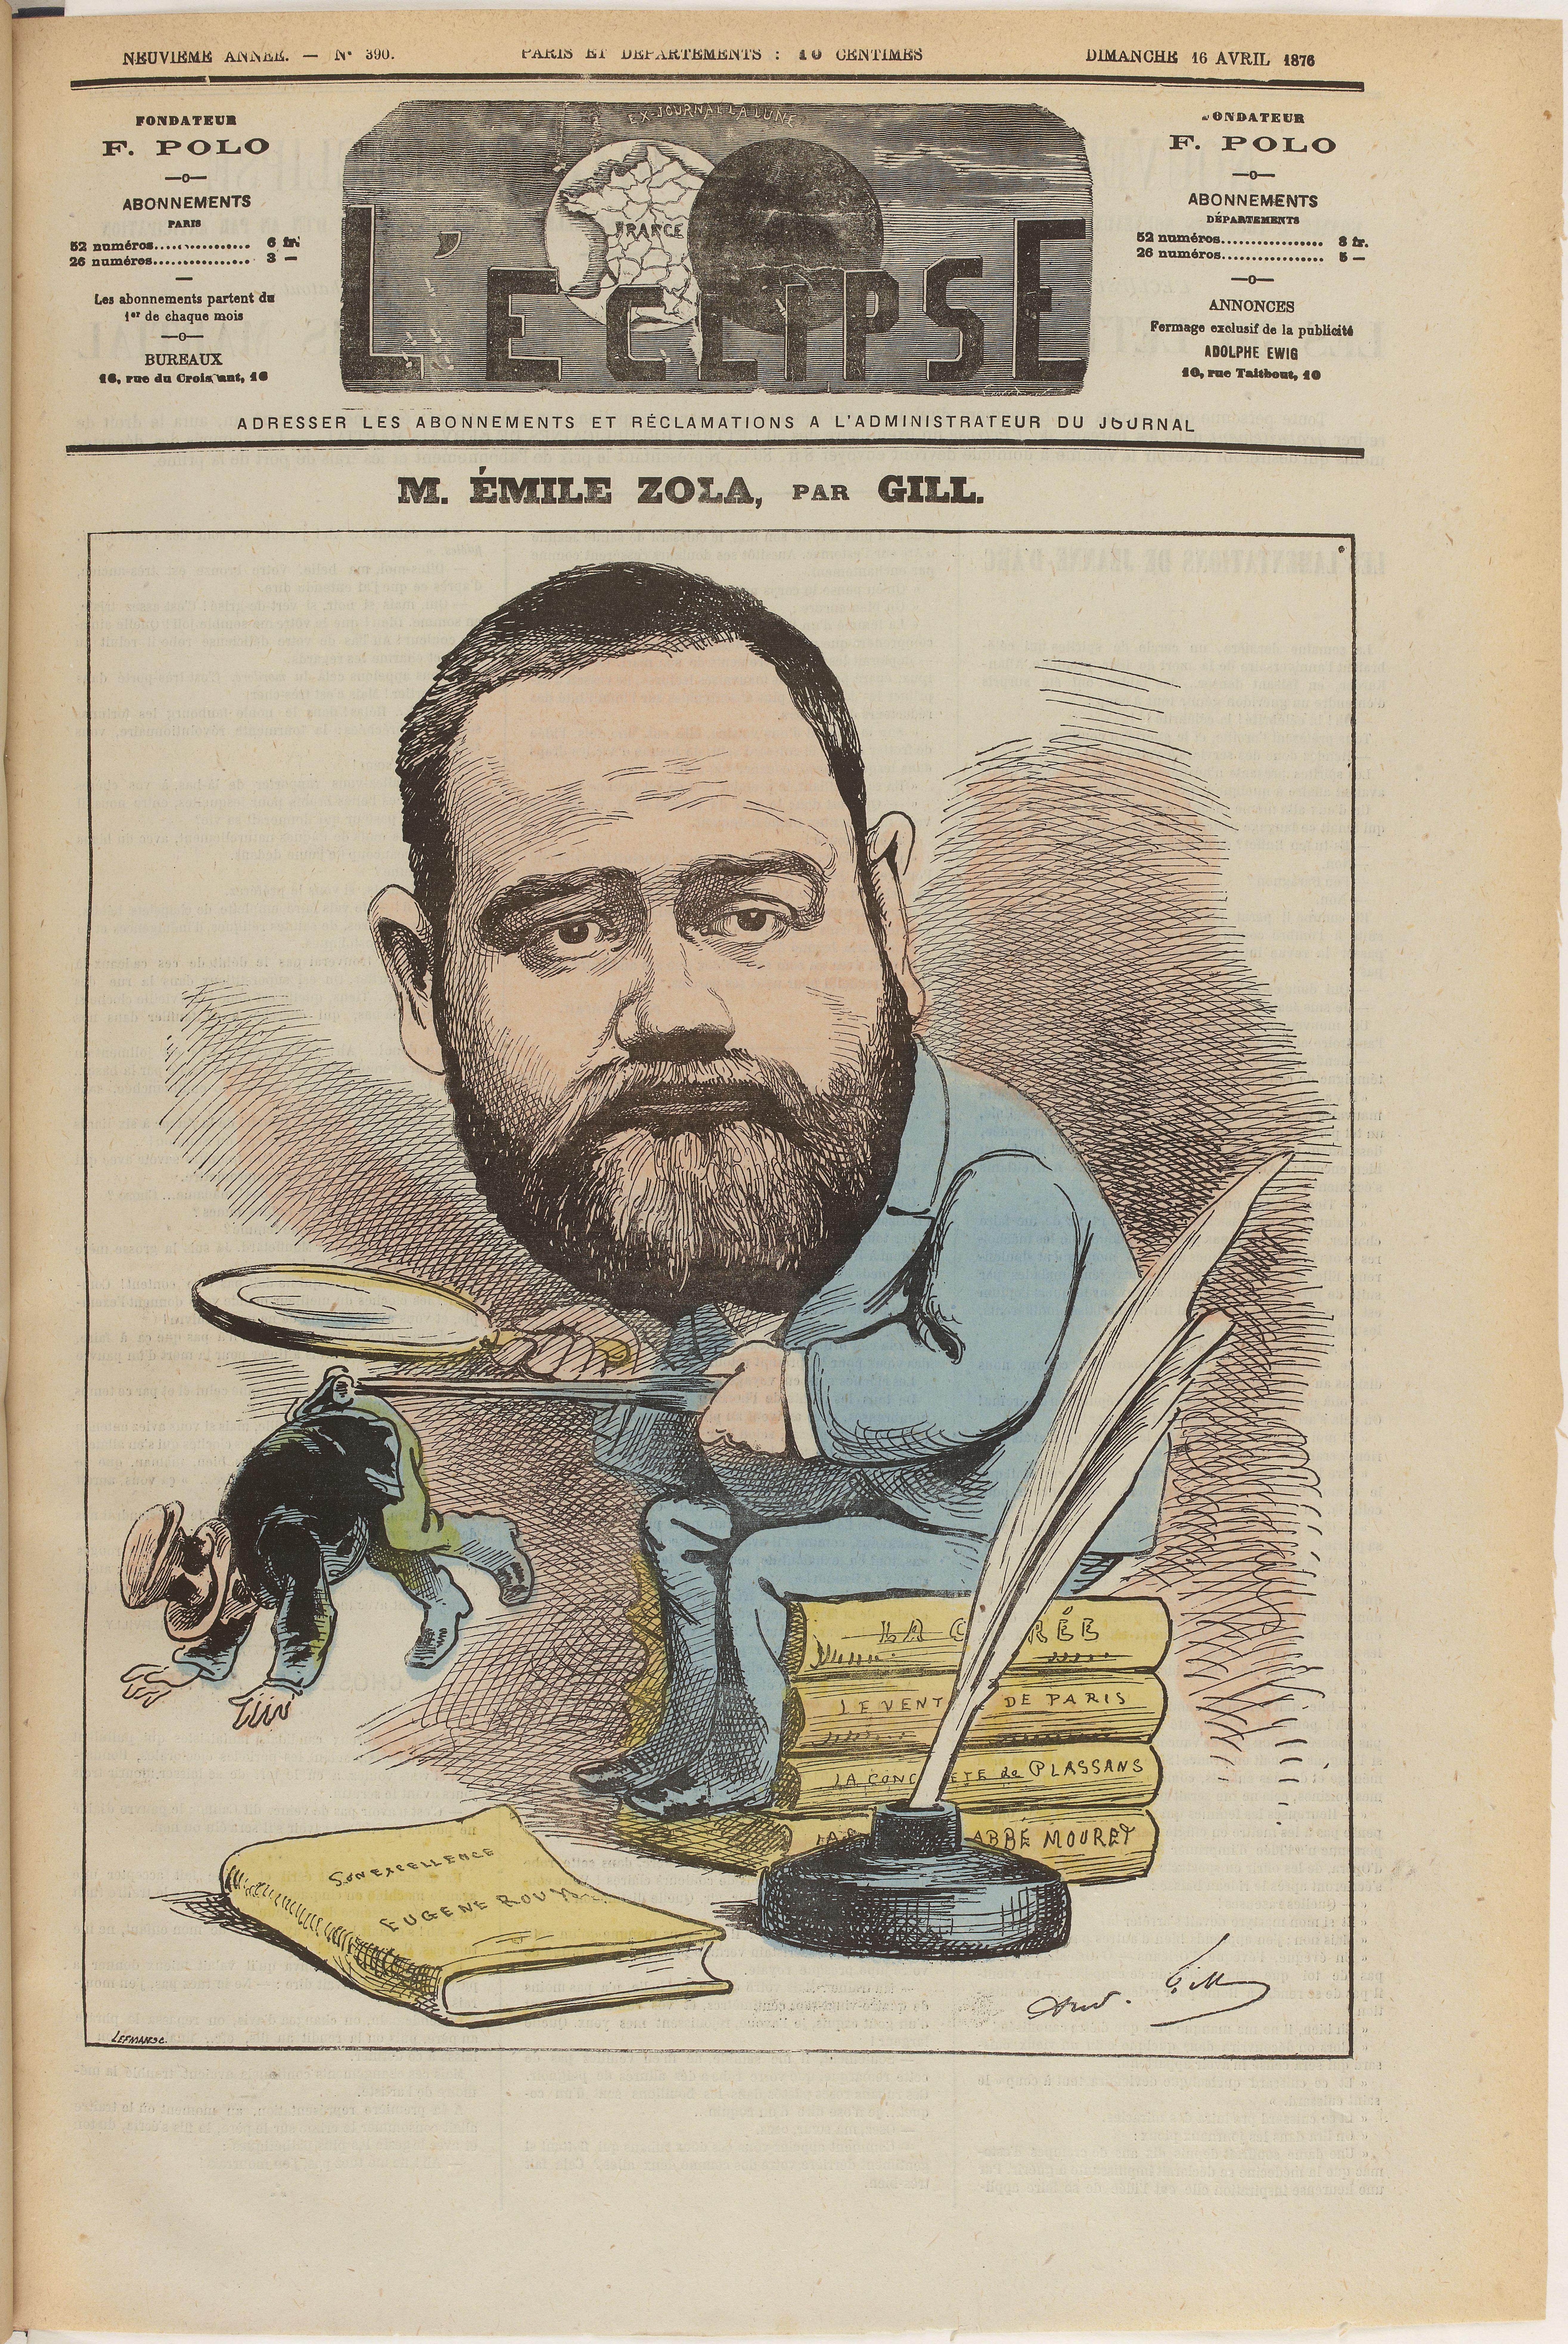 File:ZOLA Caricature Gill 1876.jpg